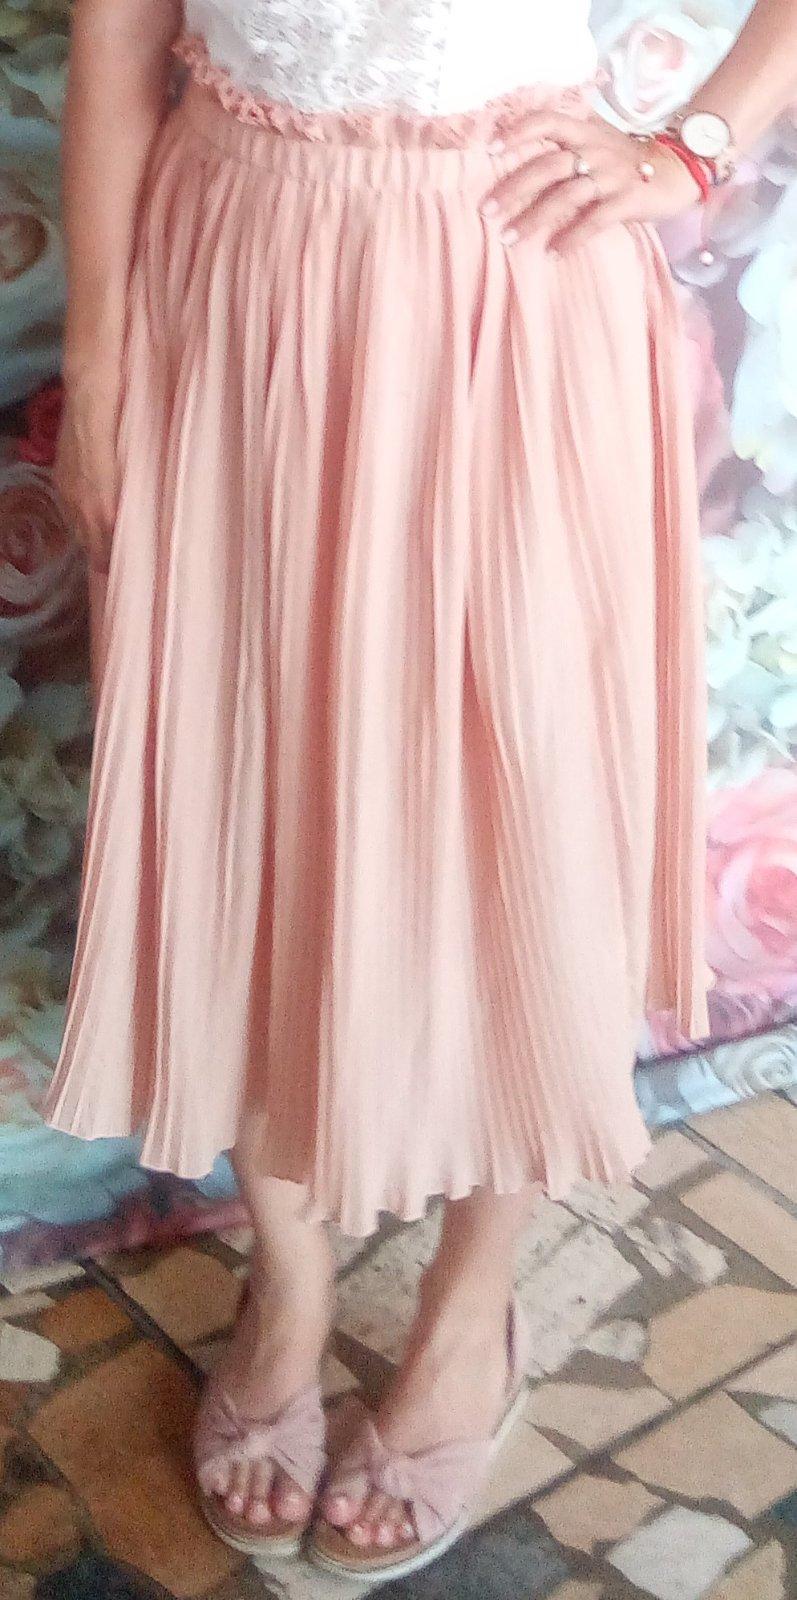 Bledoružová plisovaná sukňa S - Obrázok č. 1